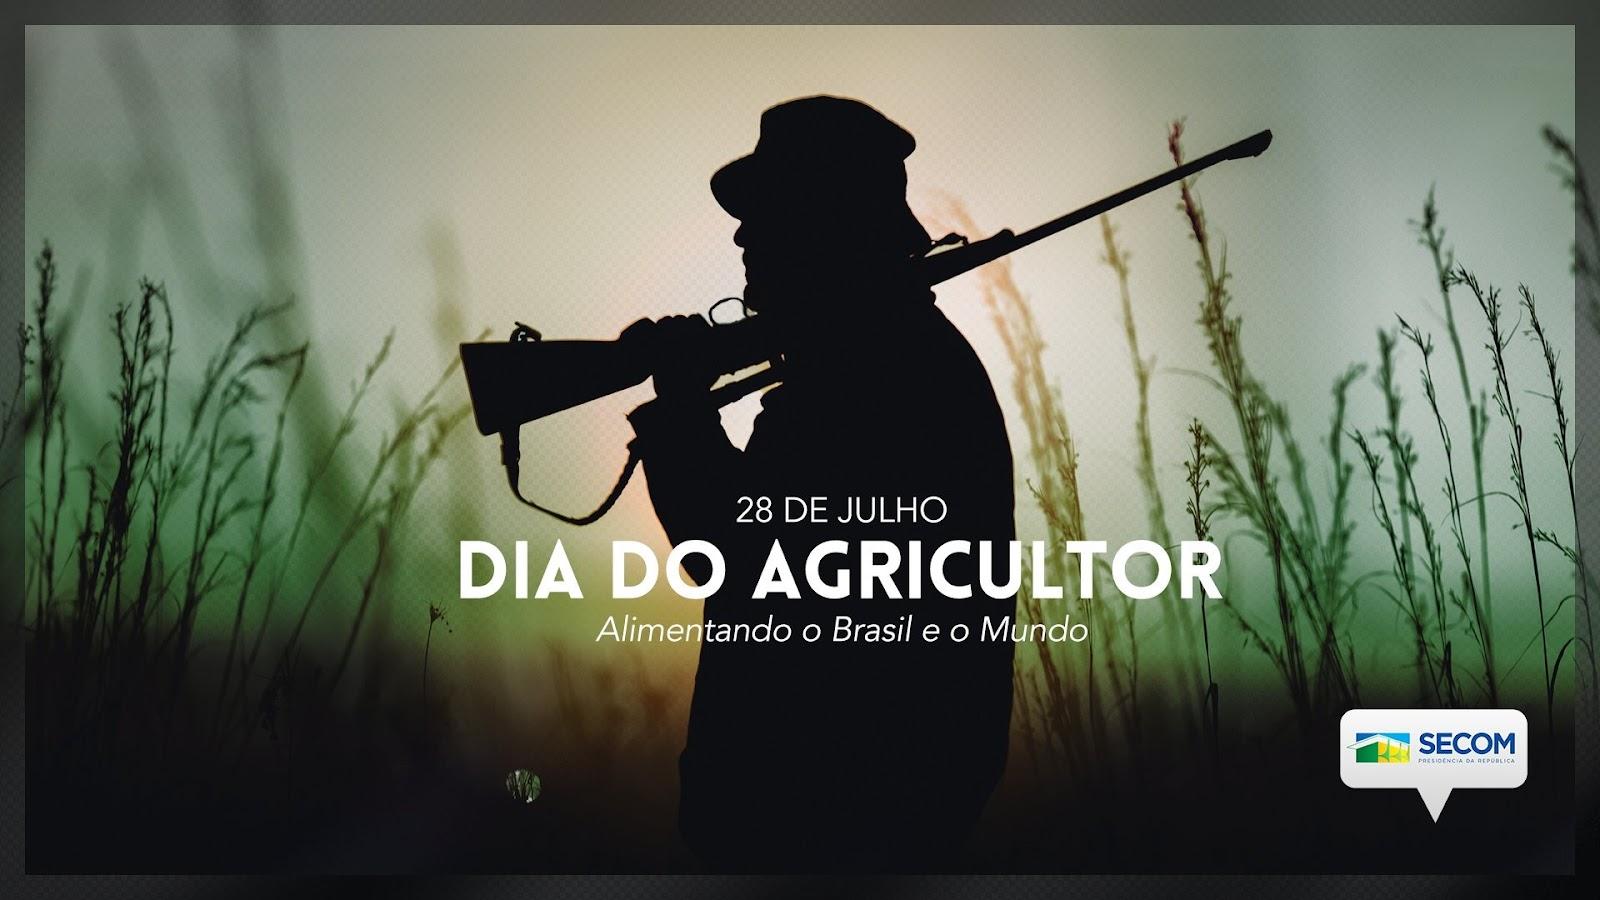 Tweet feito pela Secom em homenagem ao Dia do Agricultor tem foto de homem armado (Foto: Twitter/Reprodução)